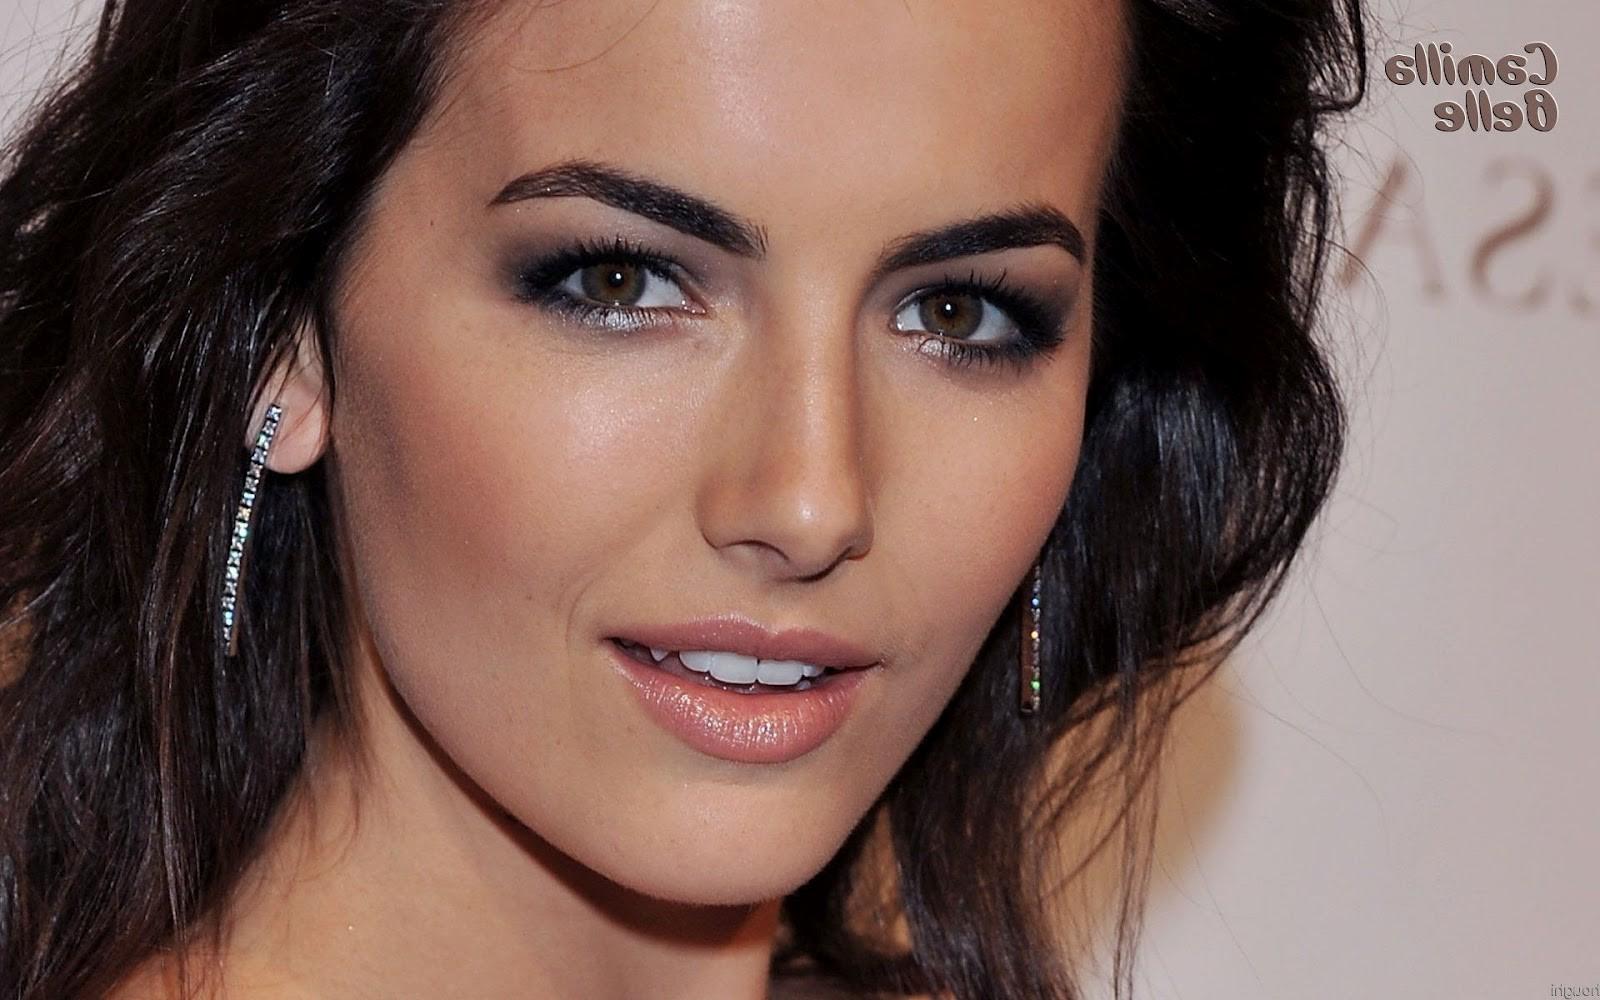 Hintergrundbilder Gesicht Frau Modell Lange Haare Fotografie